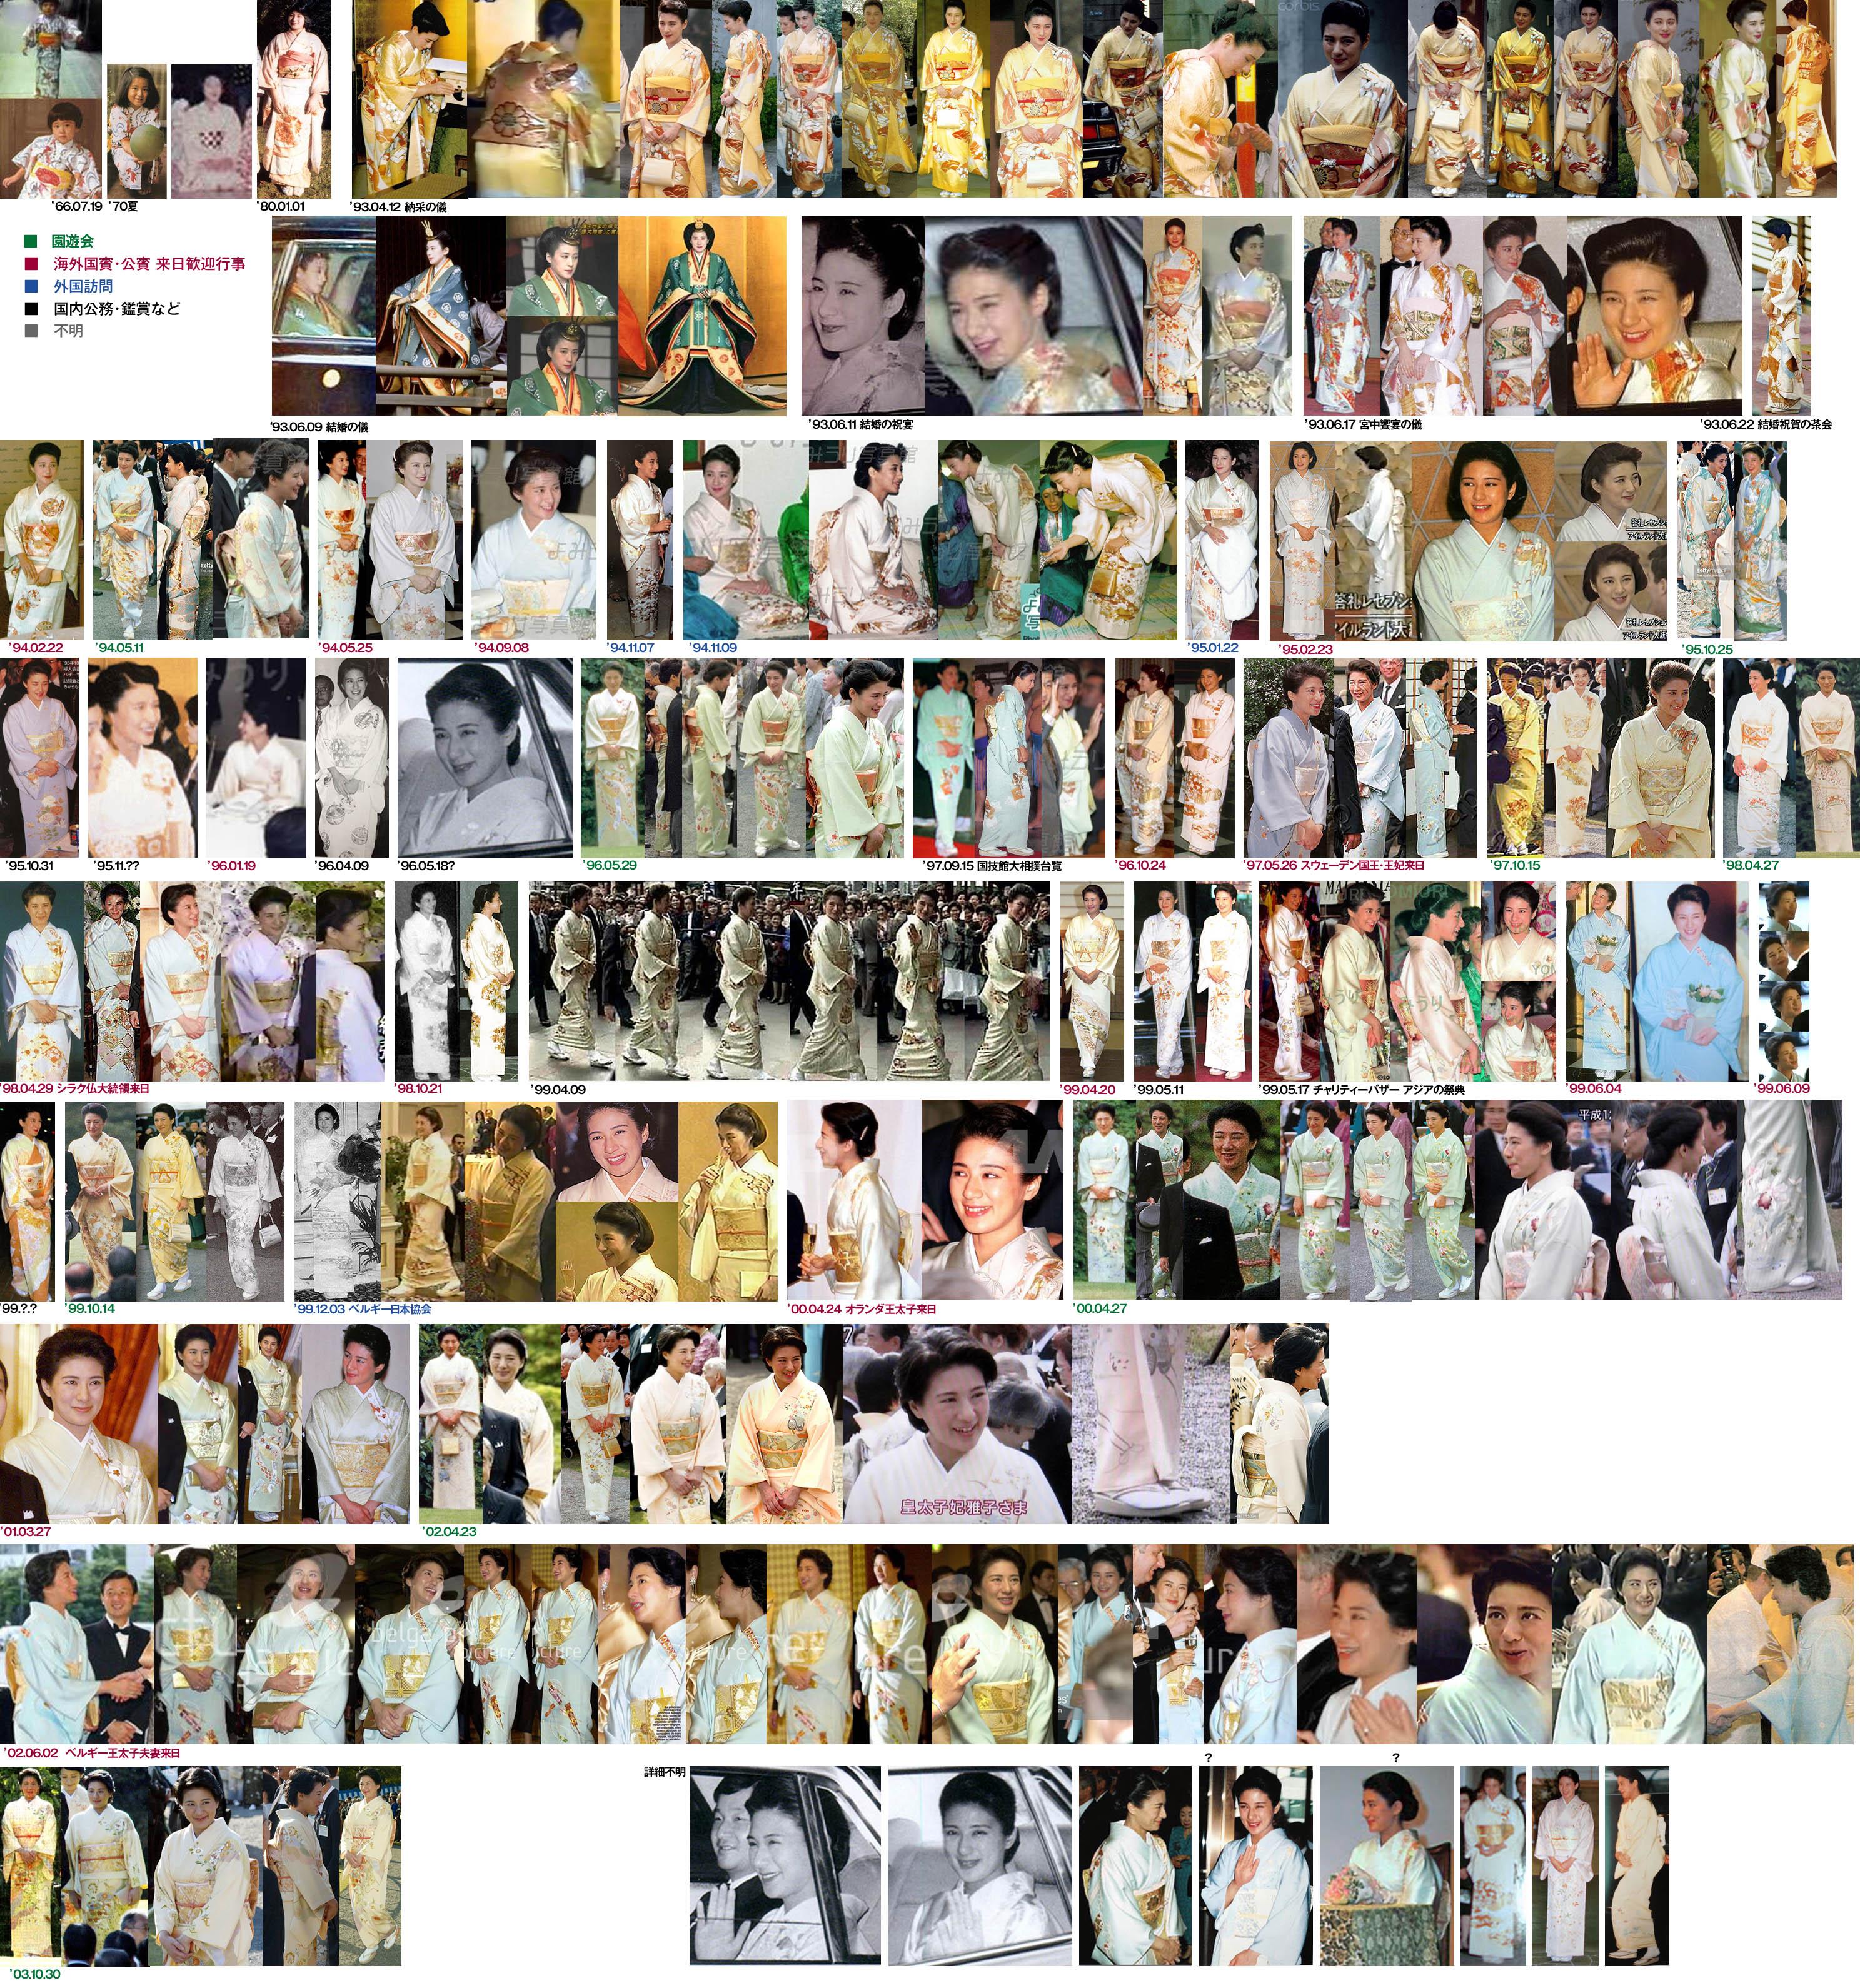 皇室御一行様★part3092©2ch.netYouTube動画>4本 ->画像>98枚